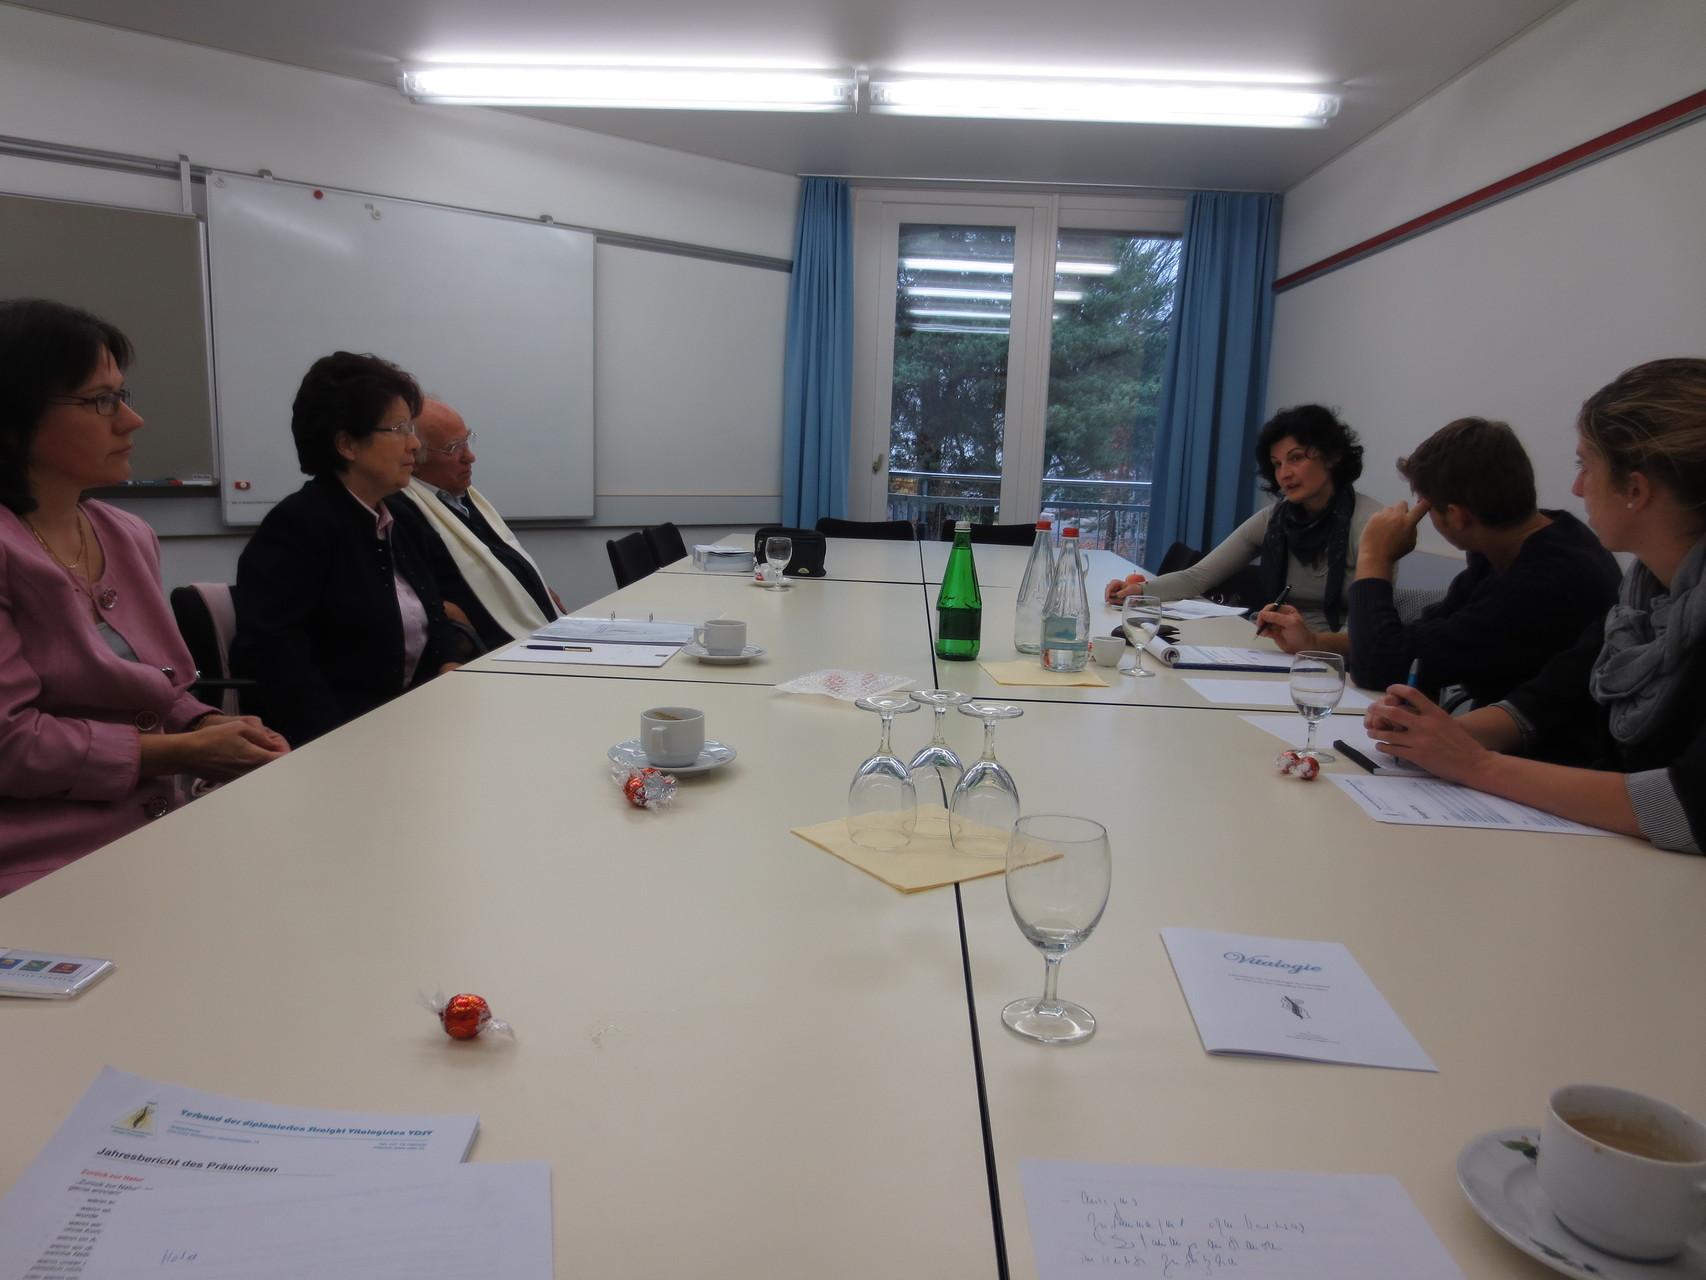 Vor der Sitzung (v.l.n.r.): Suzanne, Johanna, Mario, Lorena, Corrado, Sandra